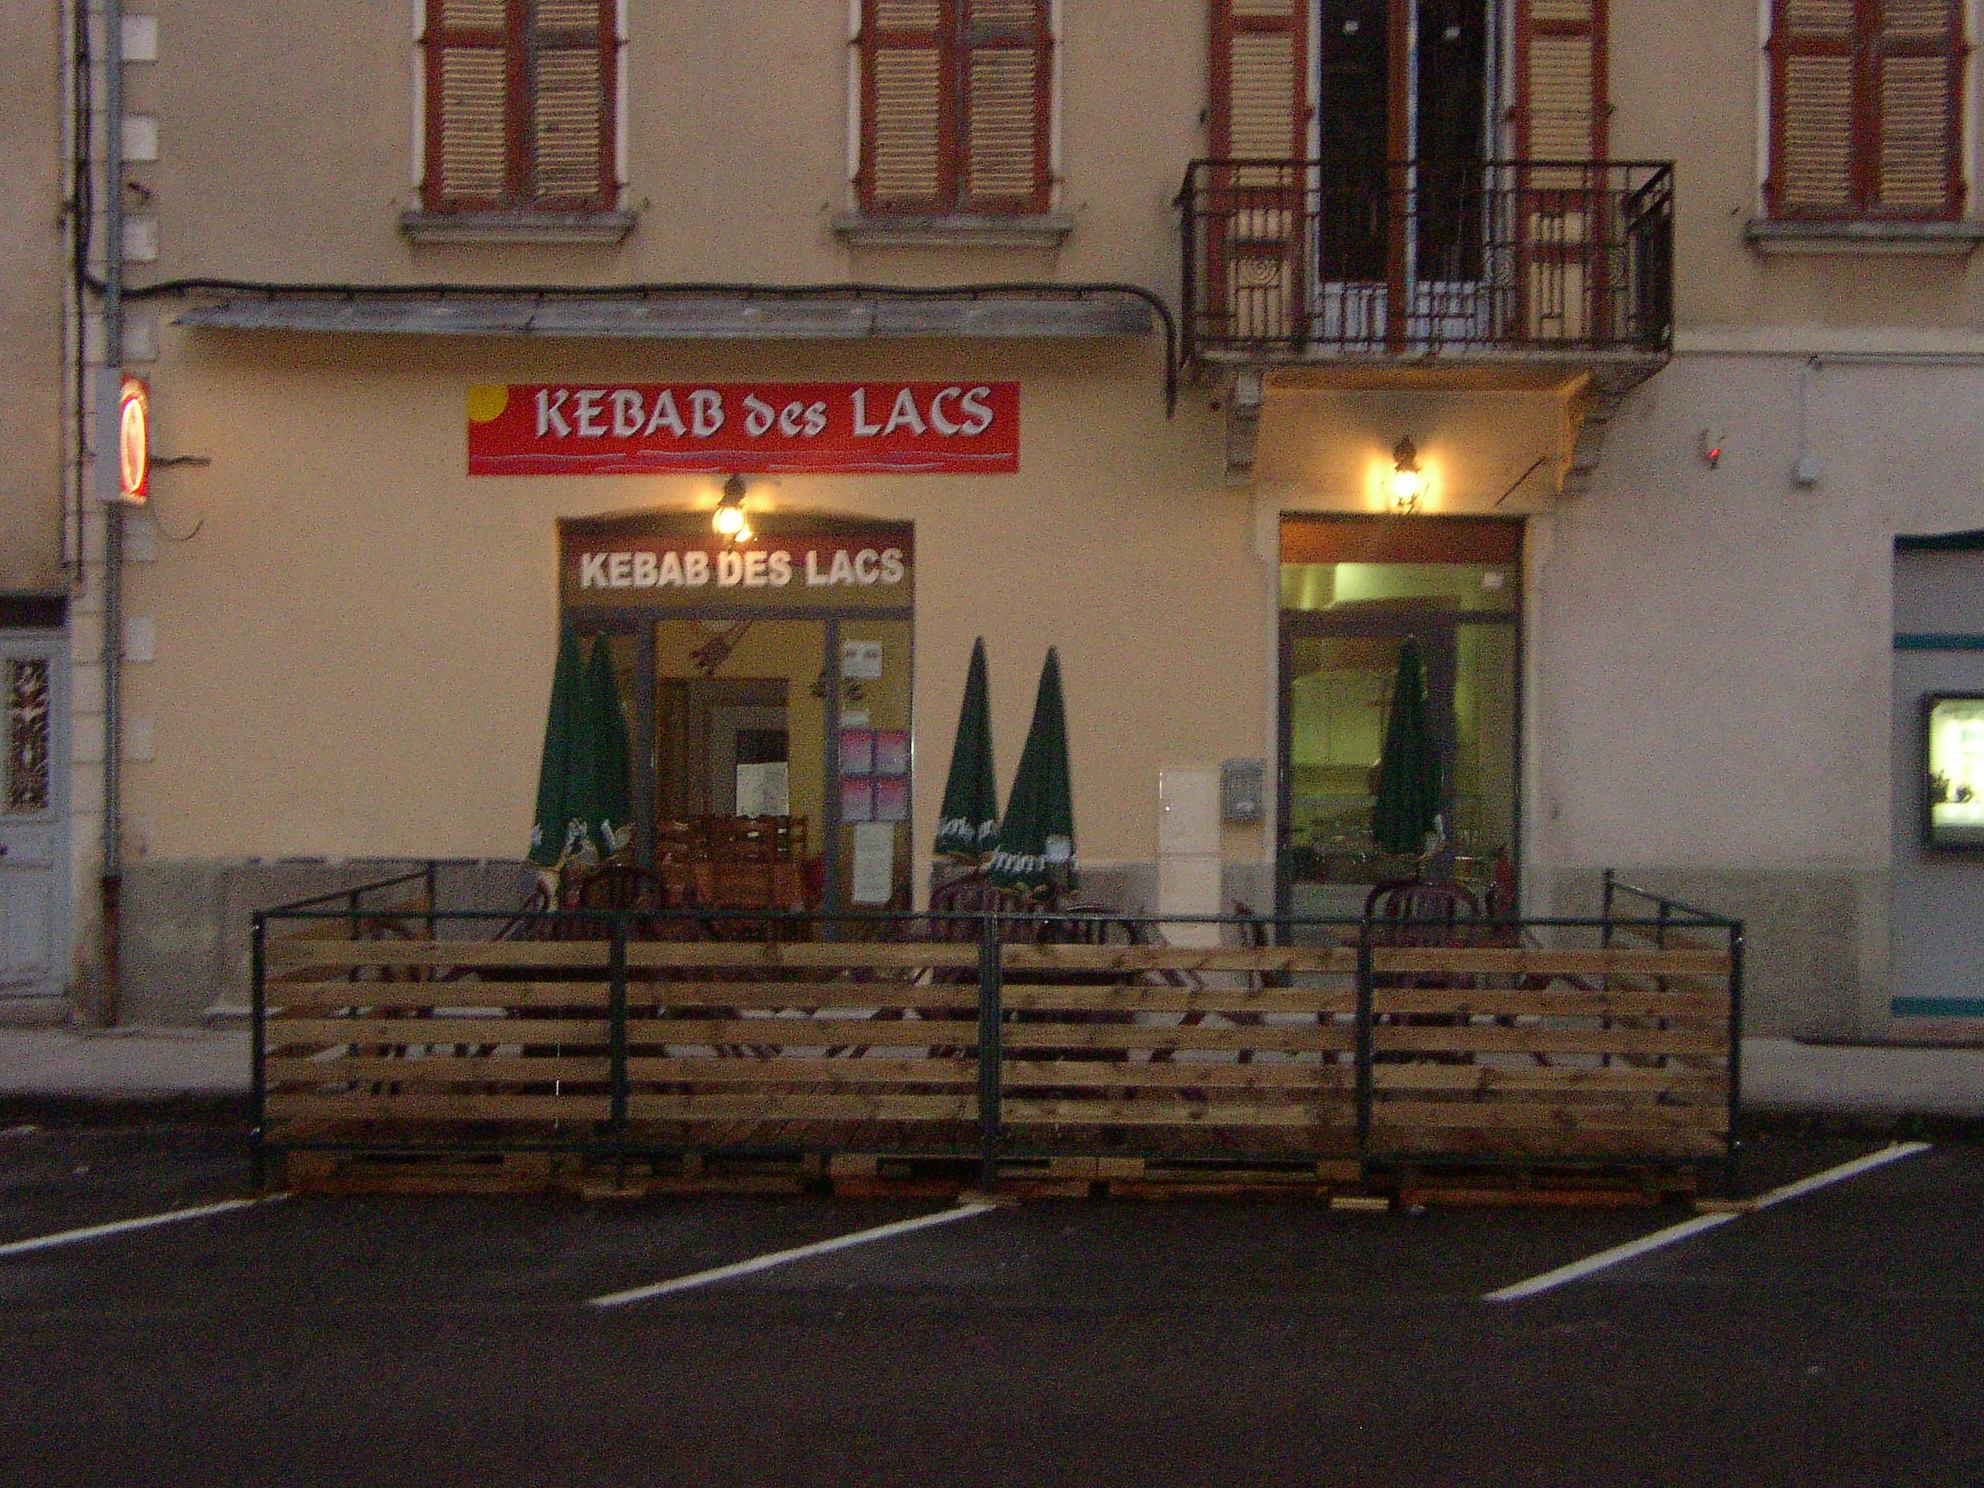 Kebab des lacs